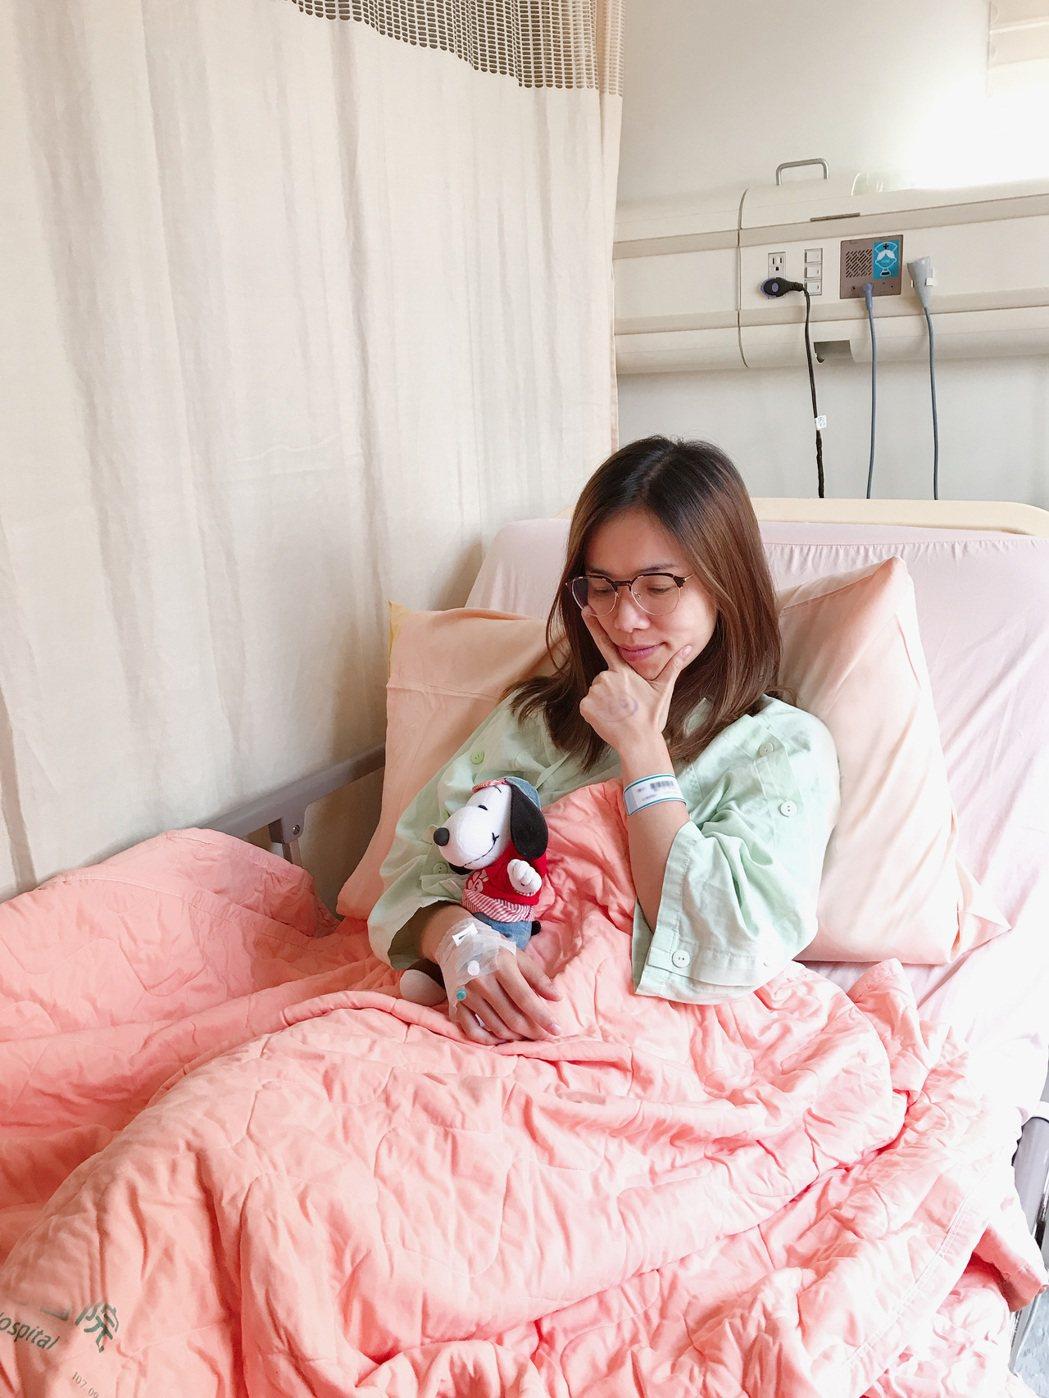 林芯儀受失聲之苦,經手術治療需噤聲3周。圖/解碼音樂